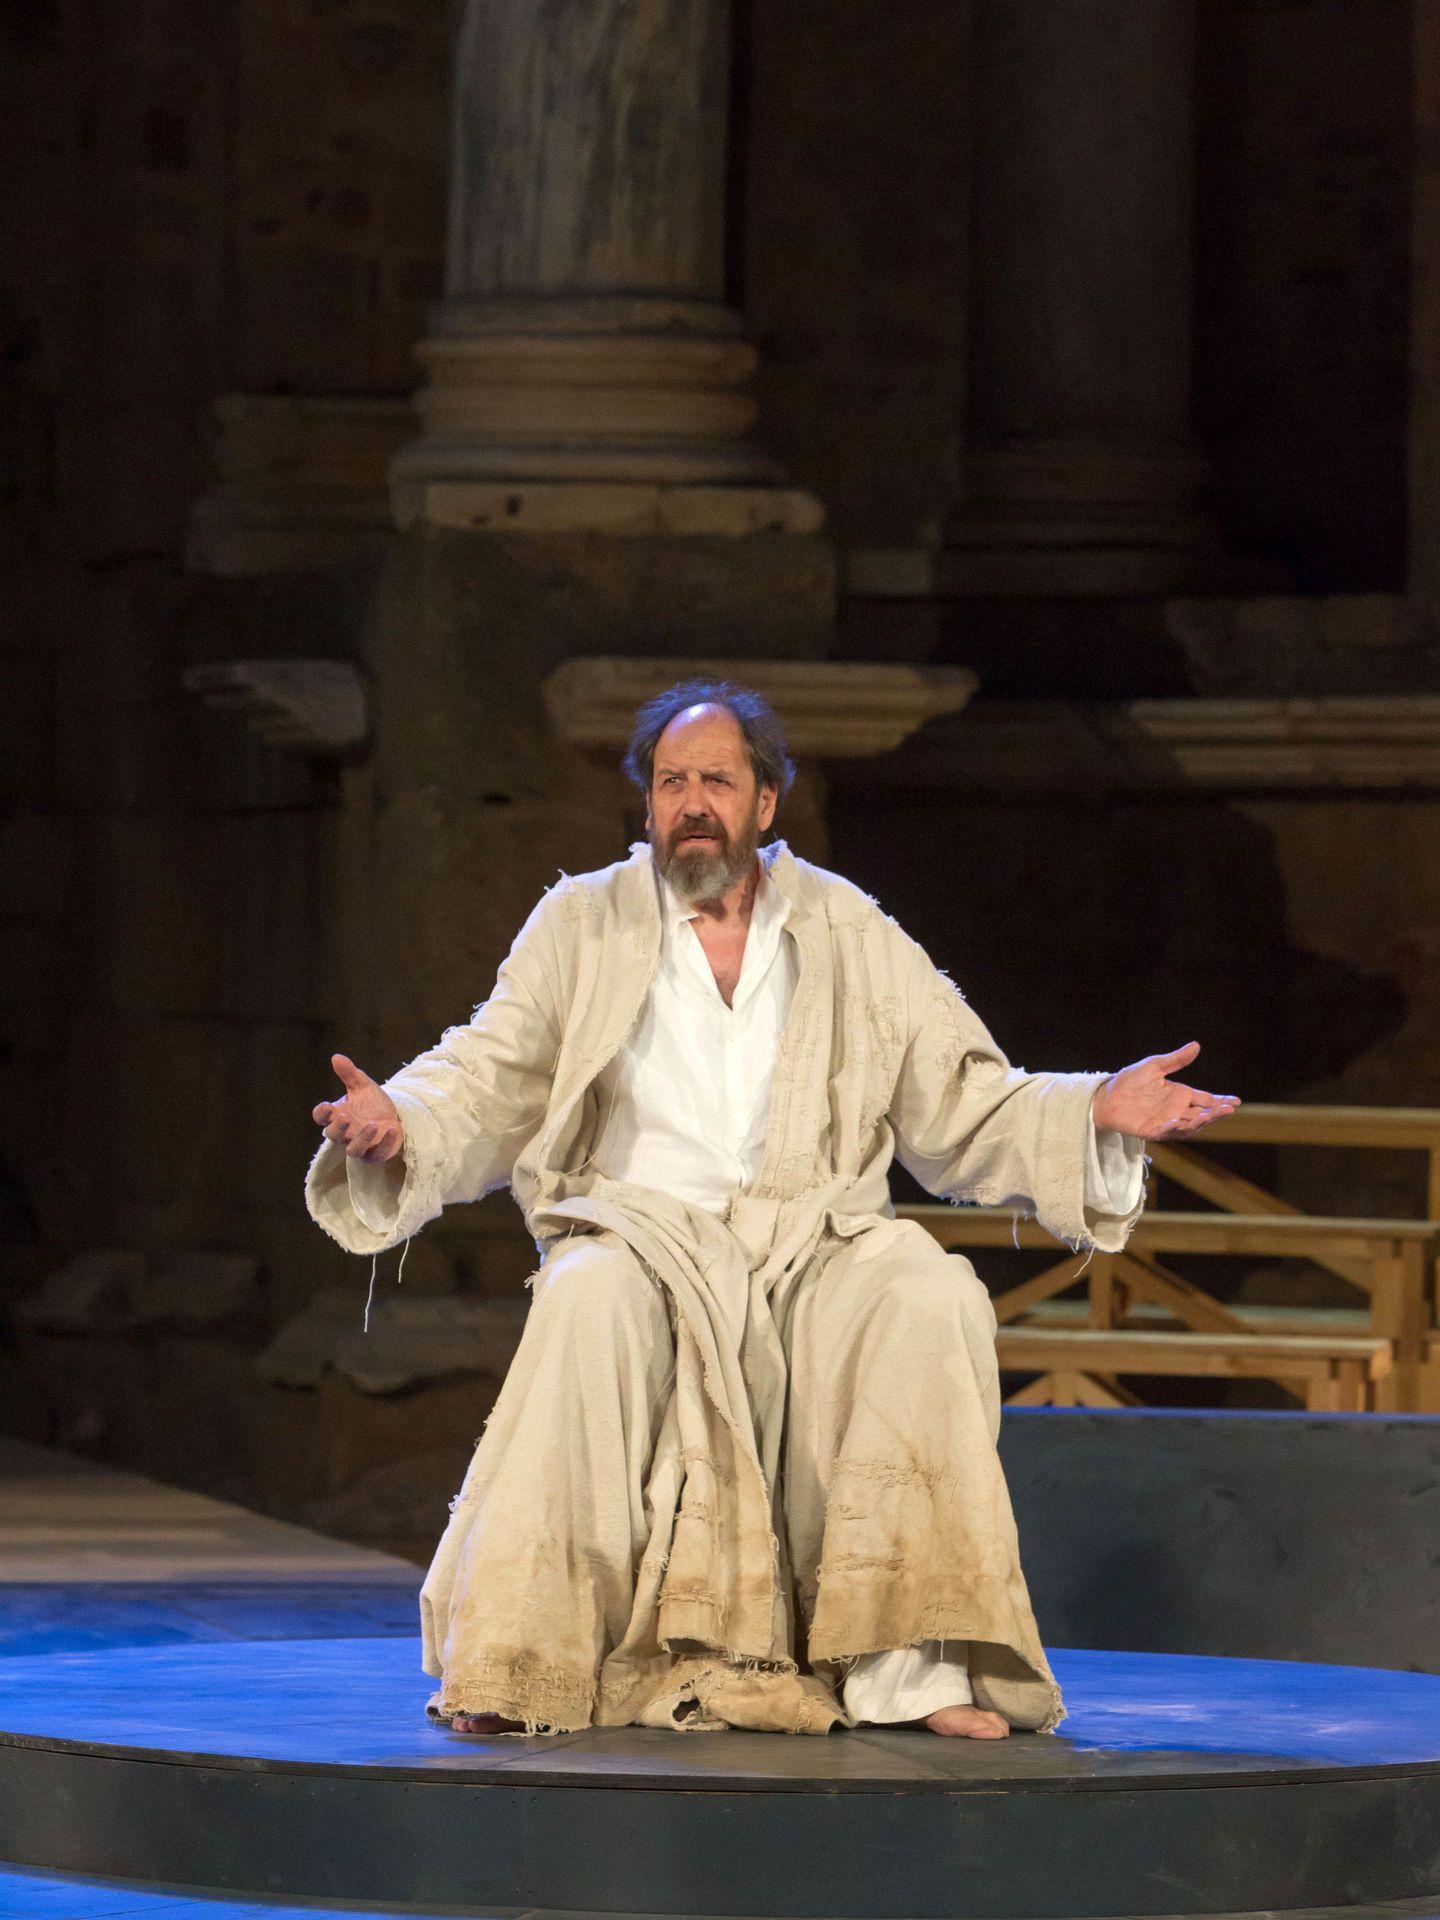 Josep María Pou en 'Socrates. Juicio y muerte a un ciudadano' (Jero Morales)